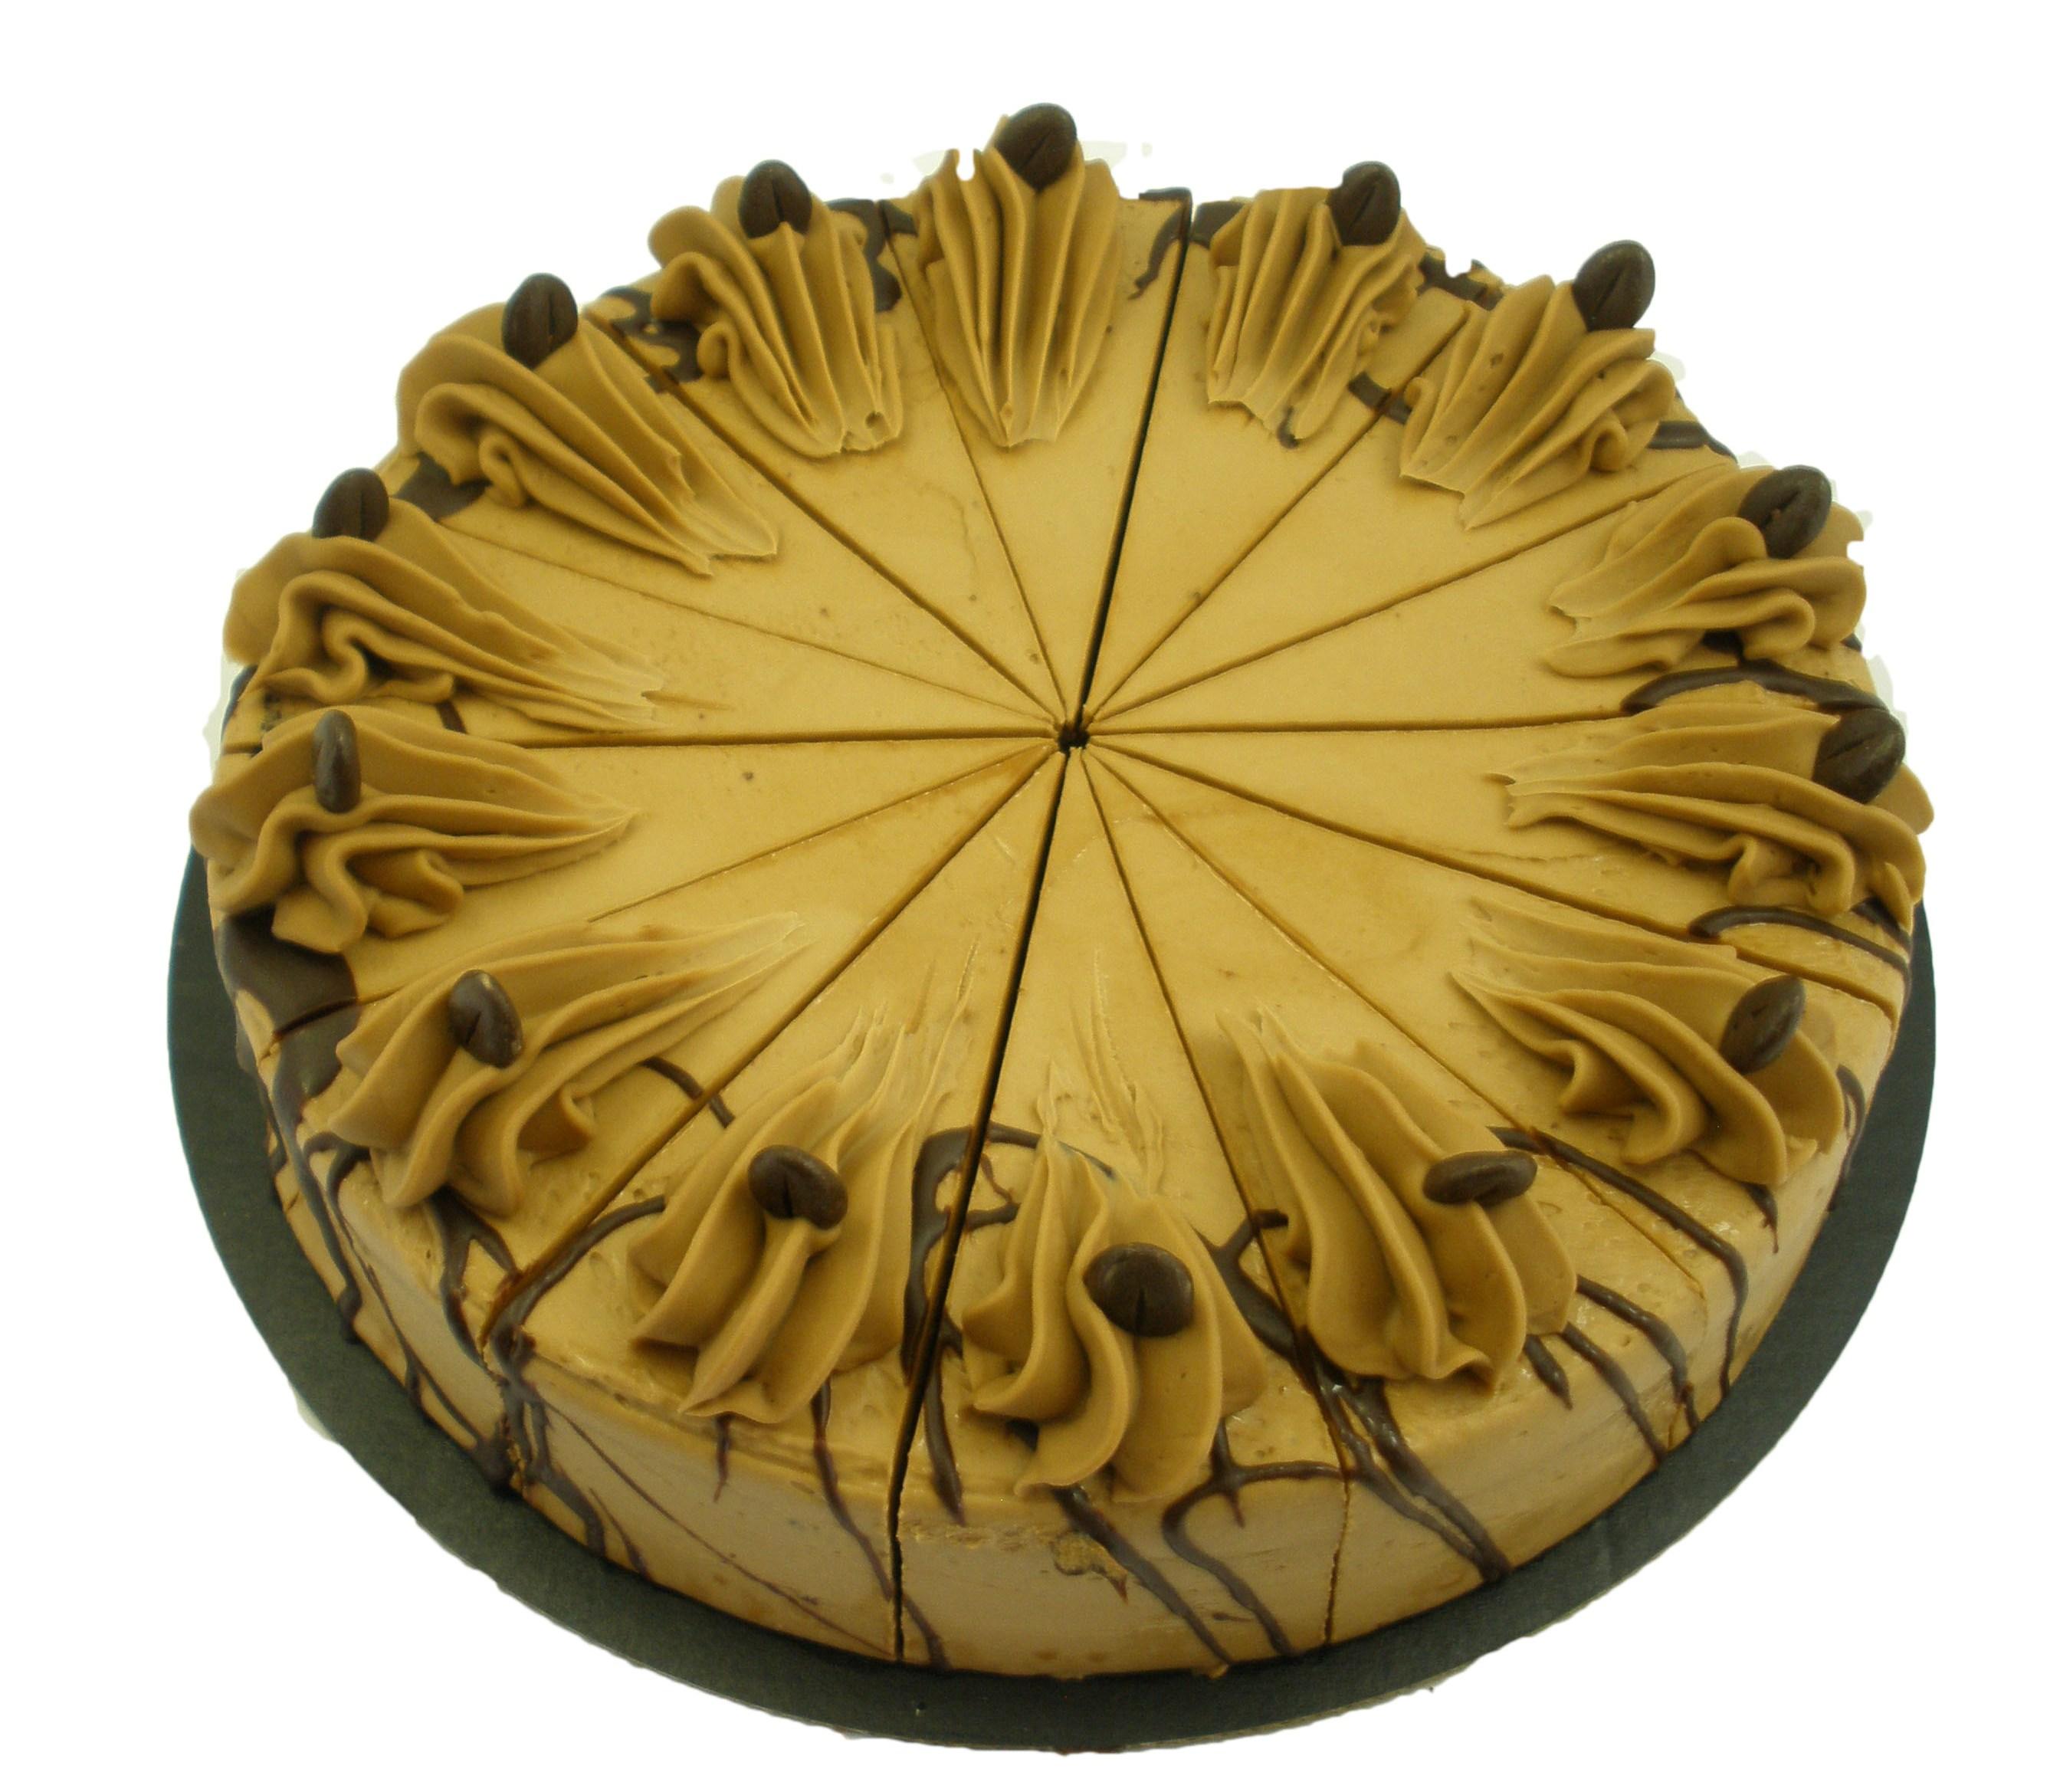 https://0901.nccdn.net/4_2/000/000/072/2aa/mocha-buffet-cake.jpg